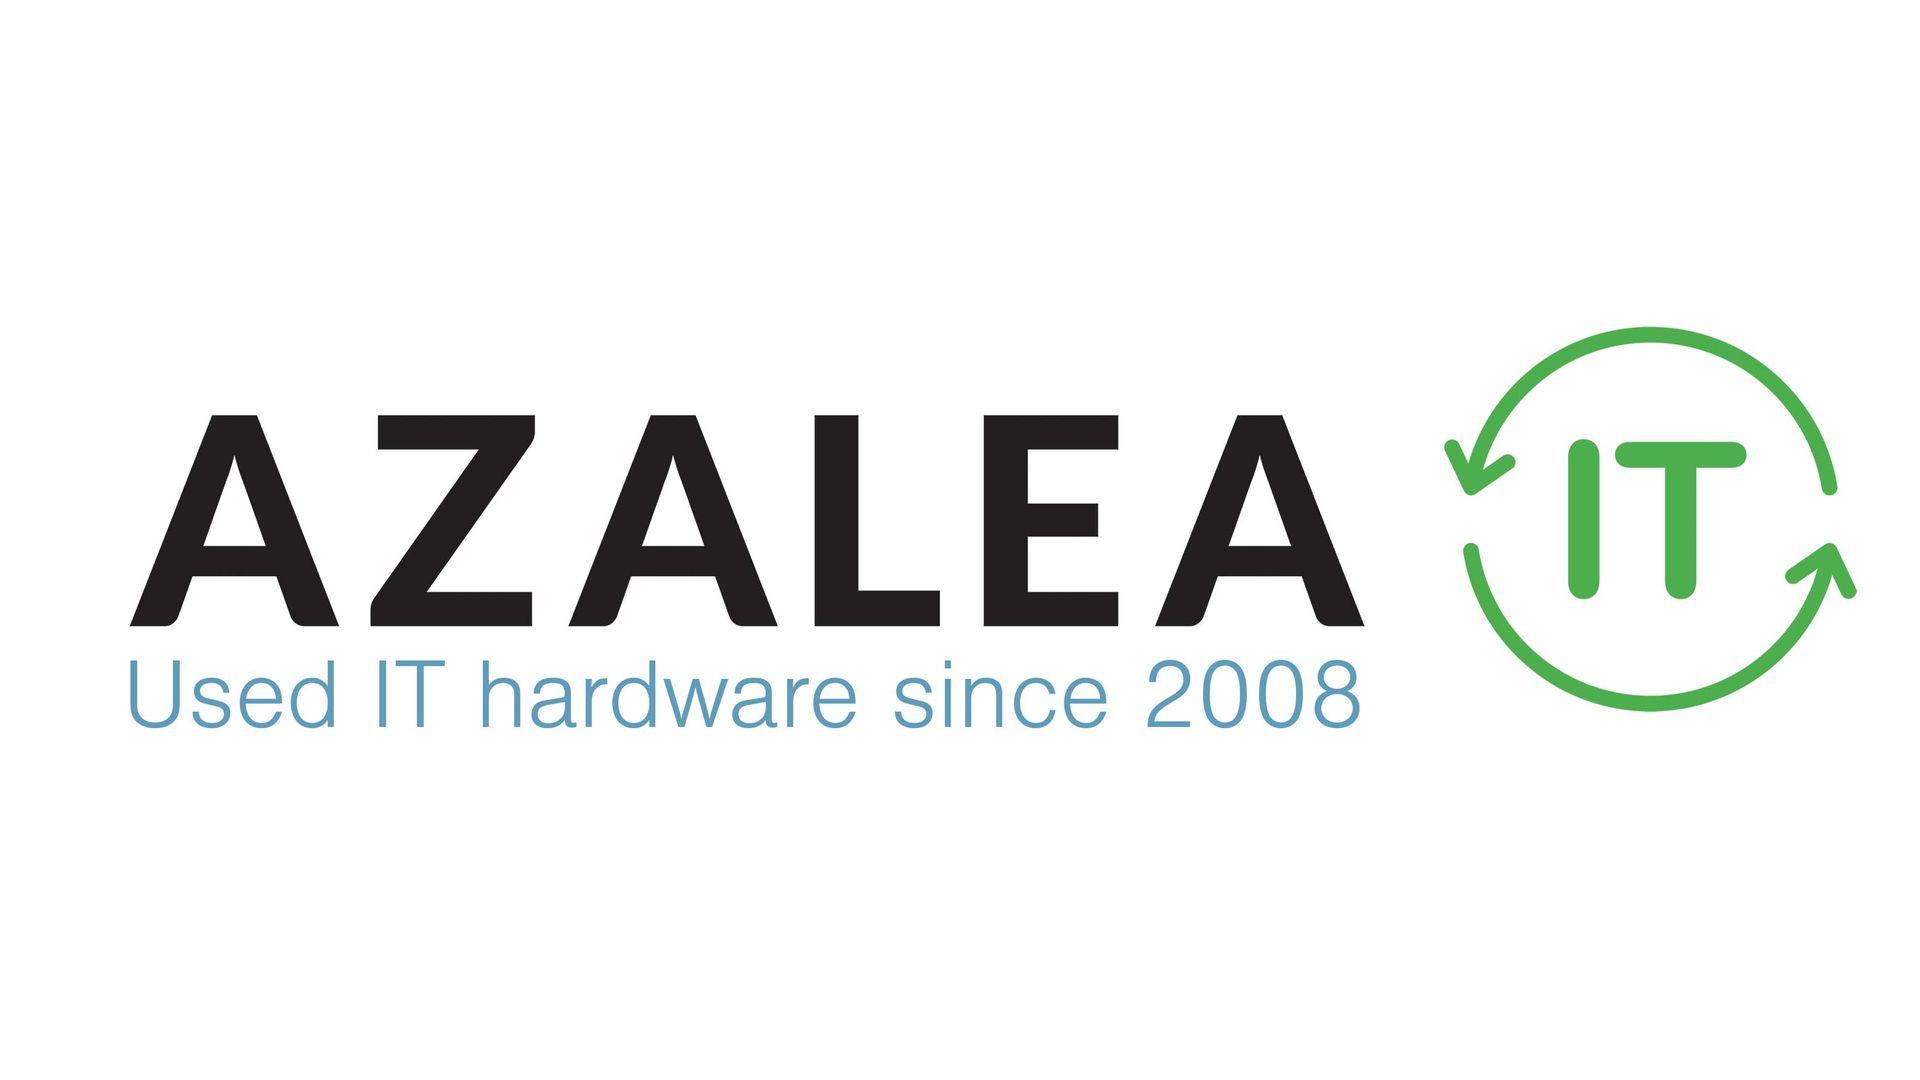 AzaleaGlobal_IT Omslagsbild